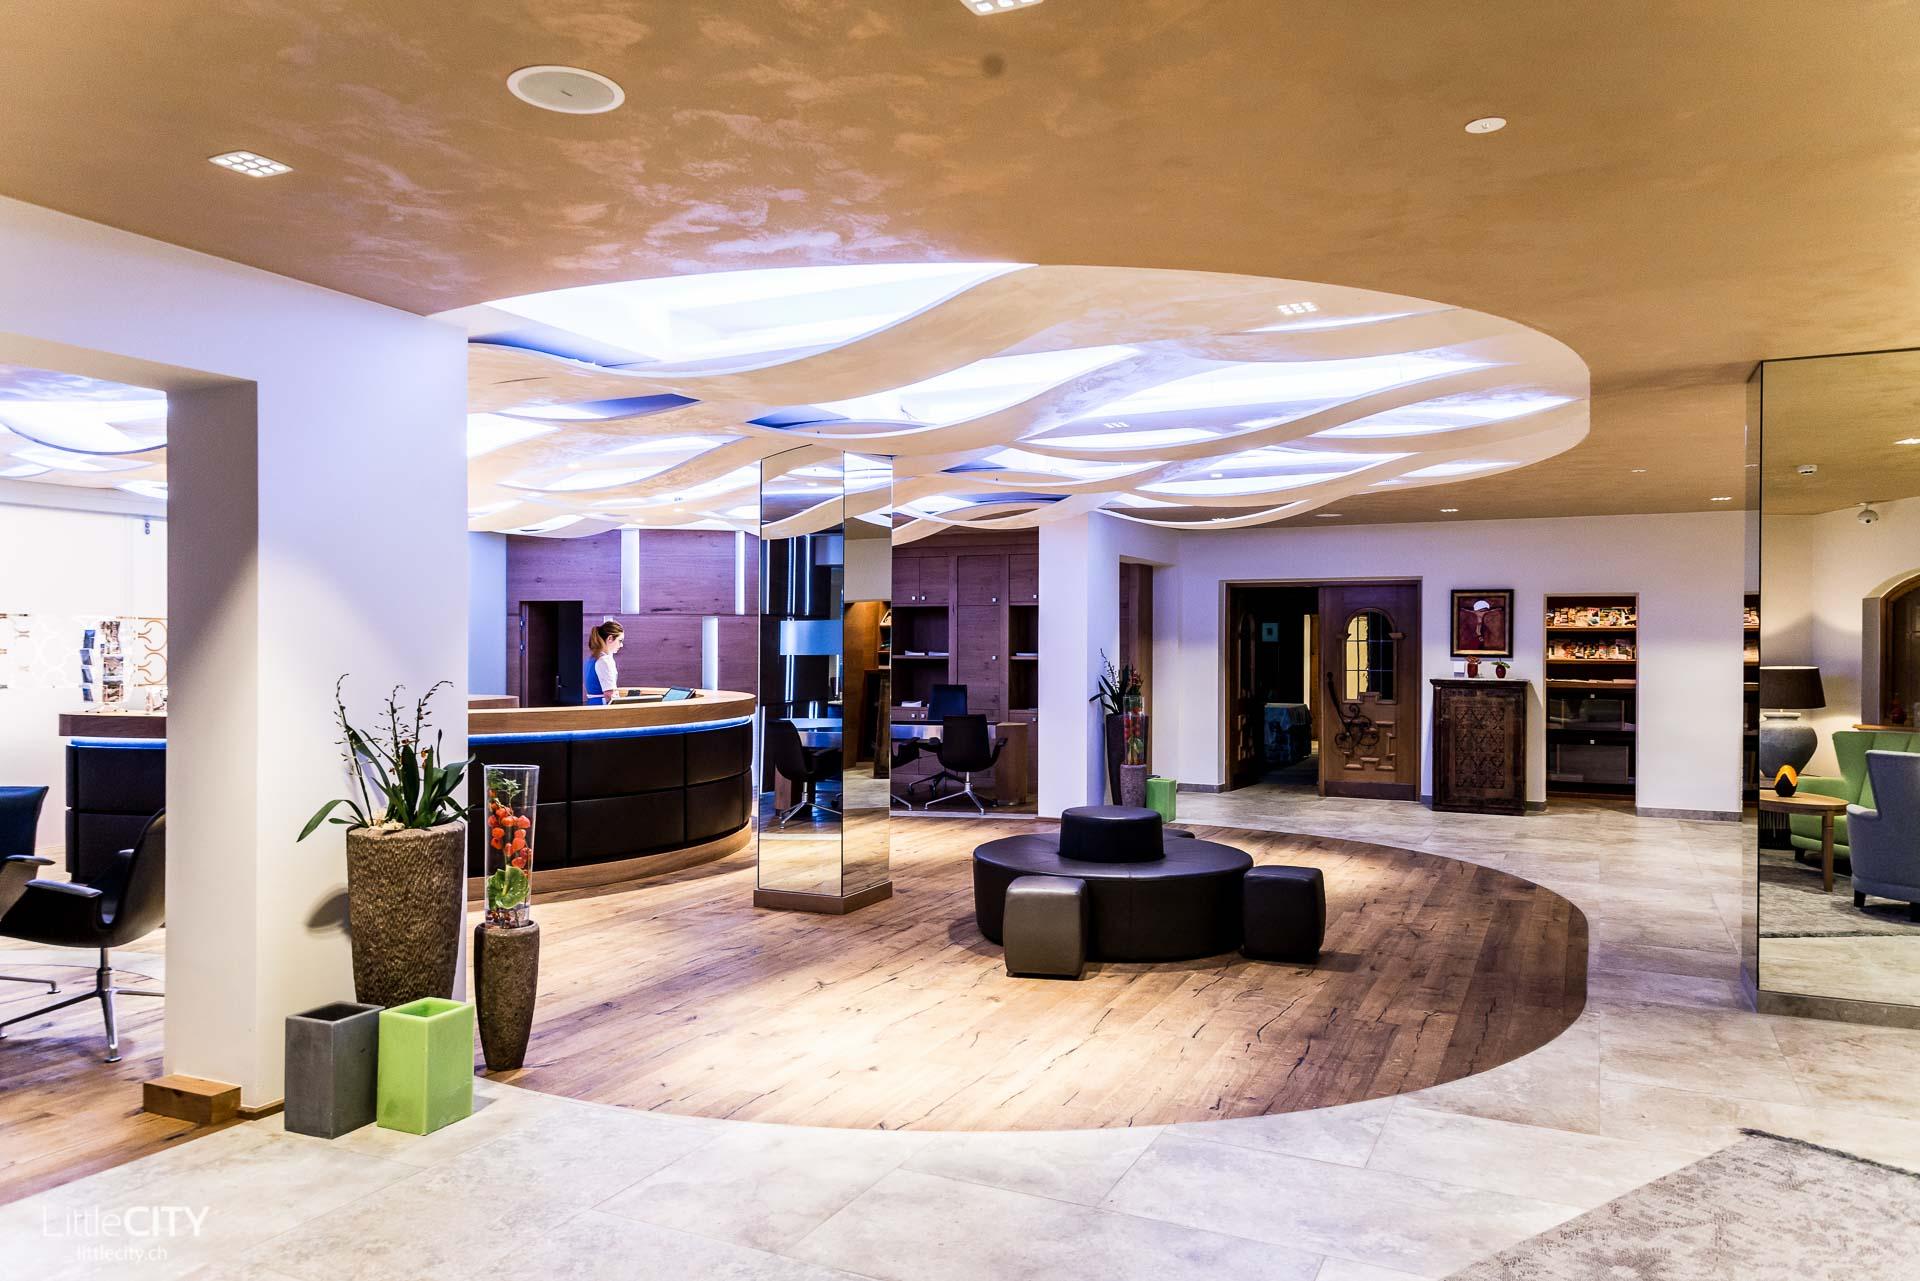 soelden-das-central-hotel-11